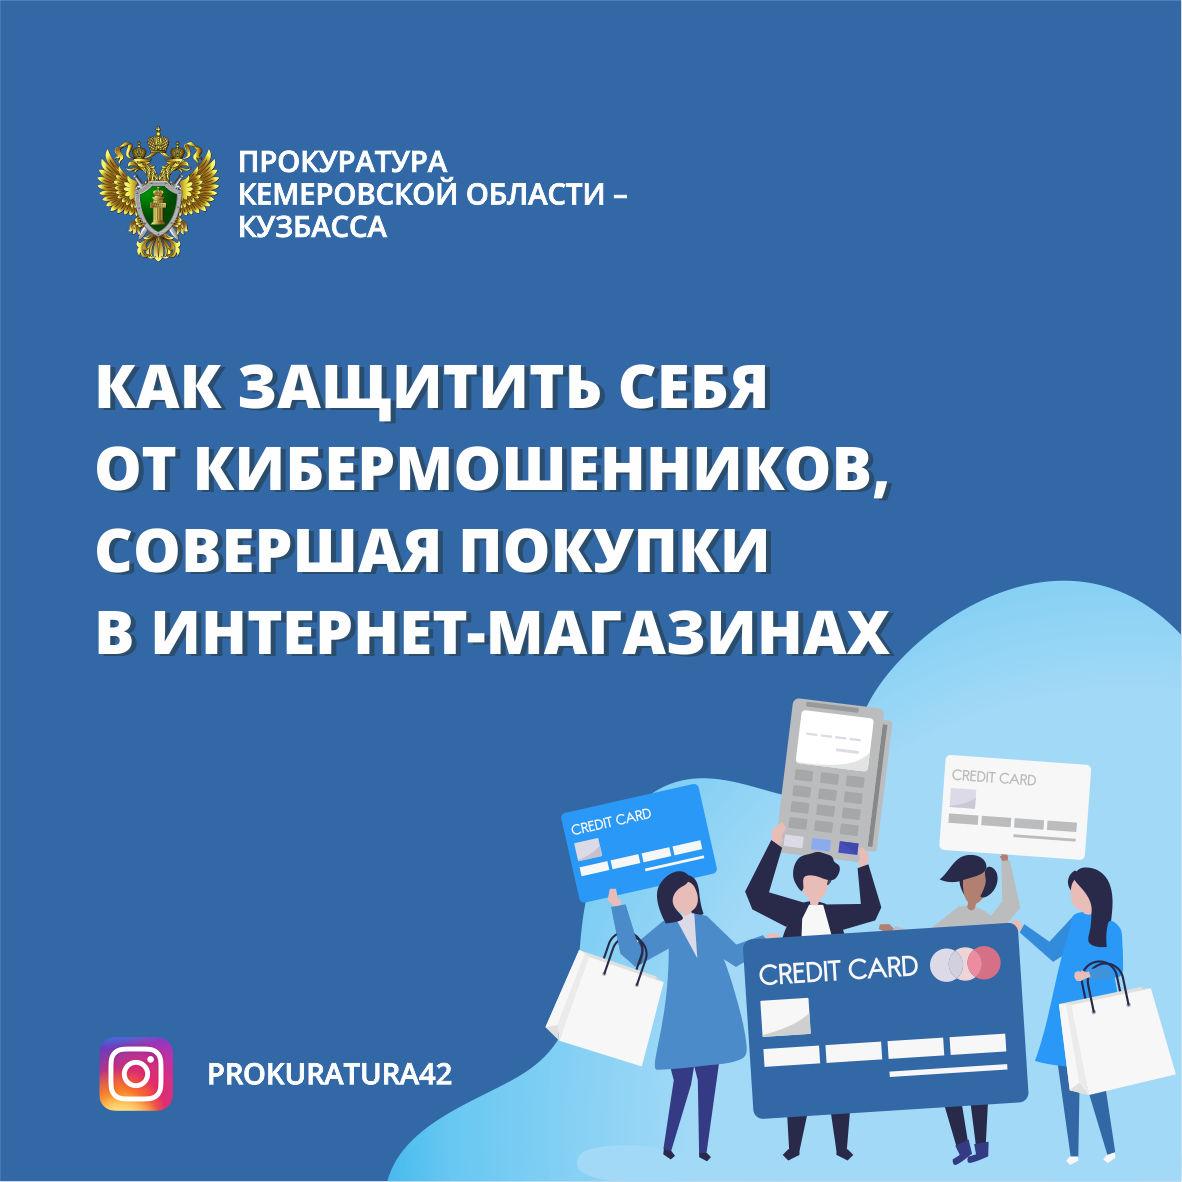 ПРОКУРАТУРА КЕМЕРОВСКОЙ ОБЛАСТИ – КУЗБАССА предупреждает «Как защитить себя от кибермошенников»